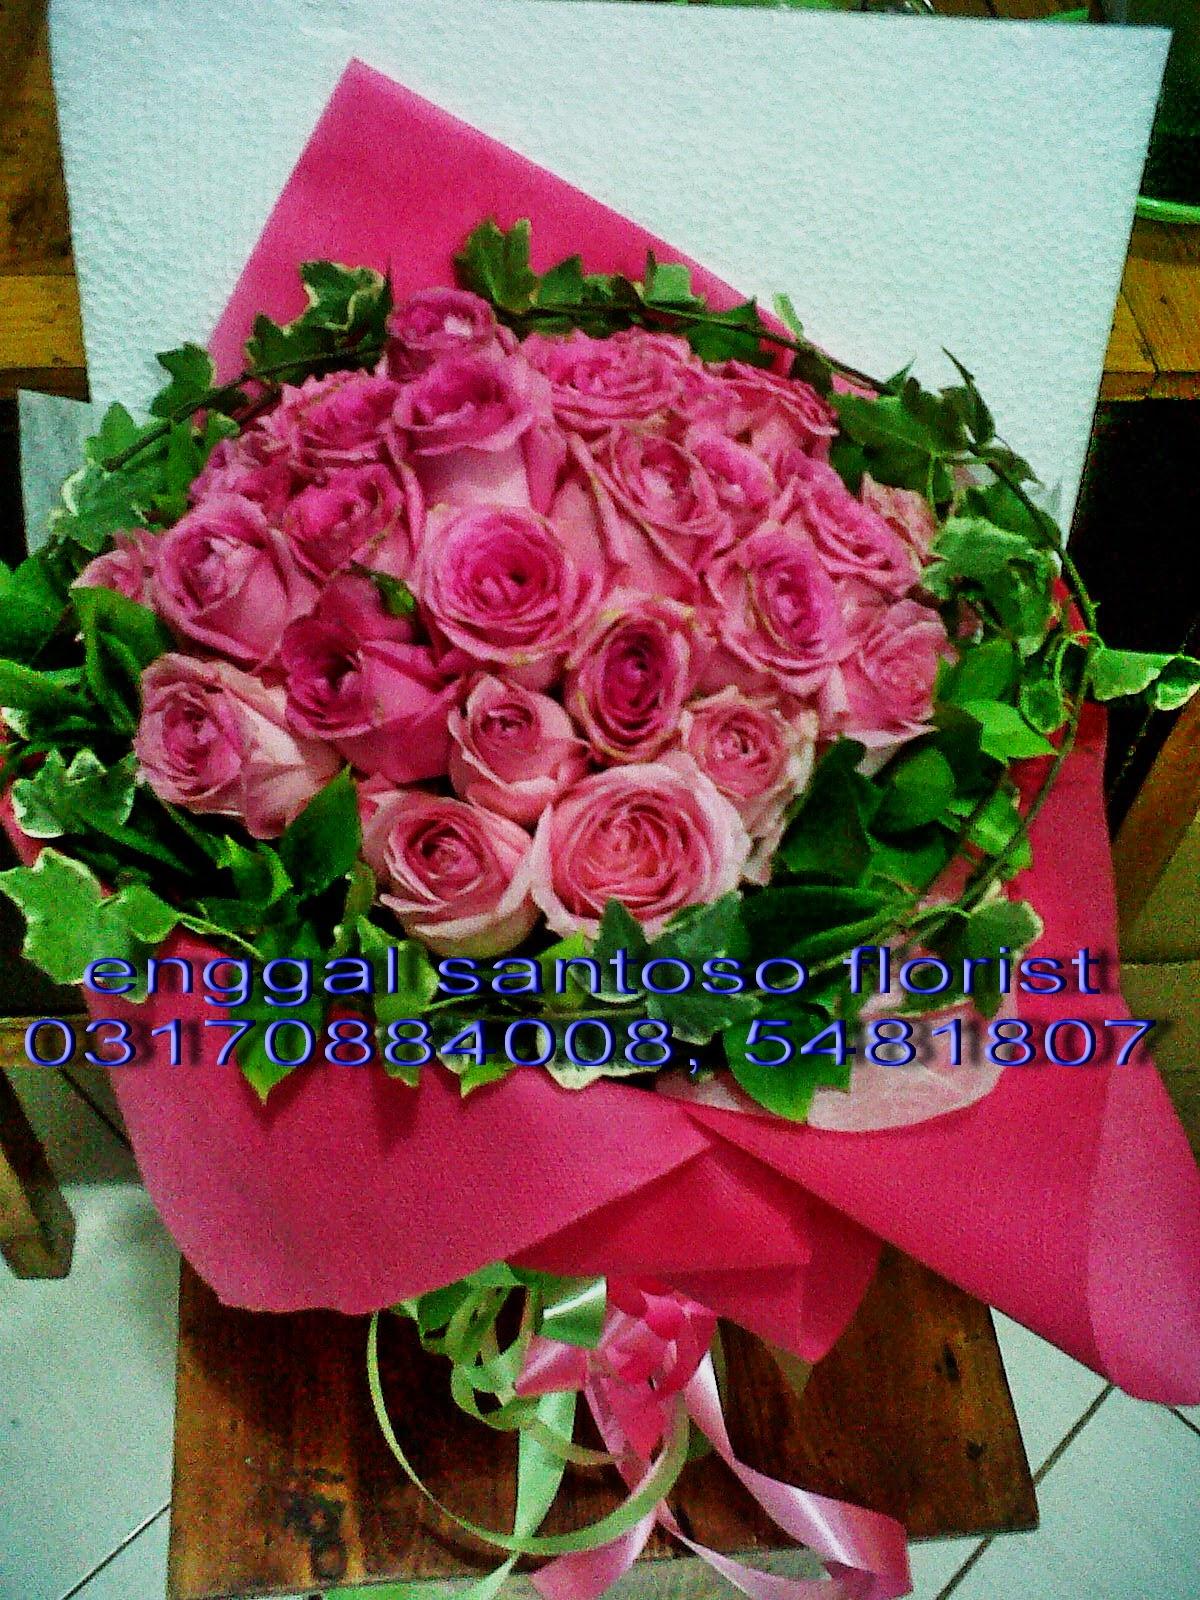 bunga tangan, hand bouquet, toko bunga surabaya murah